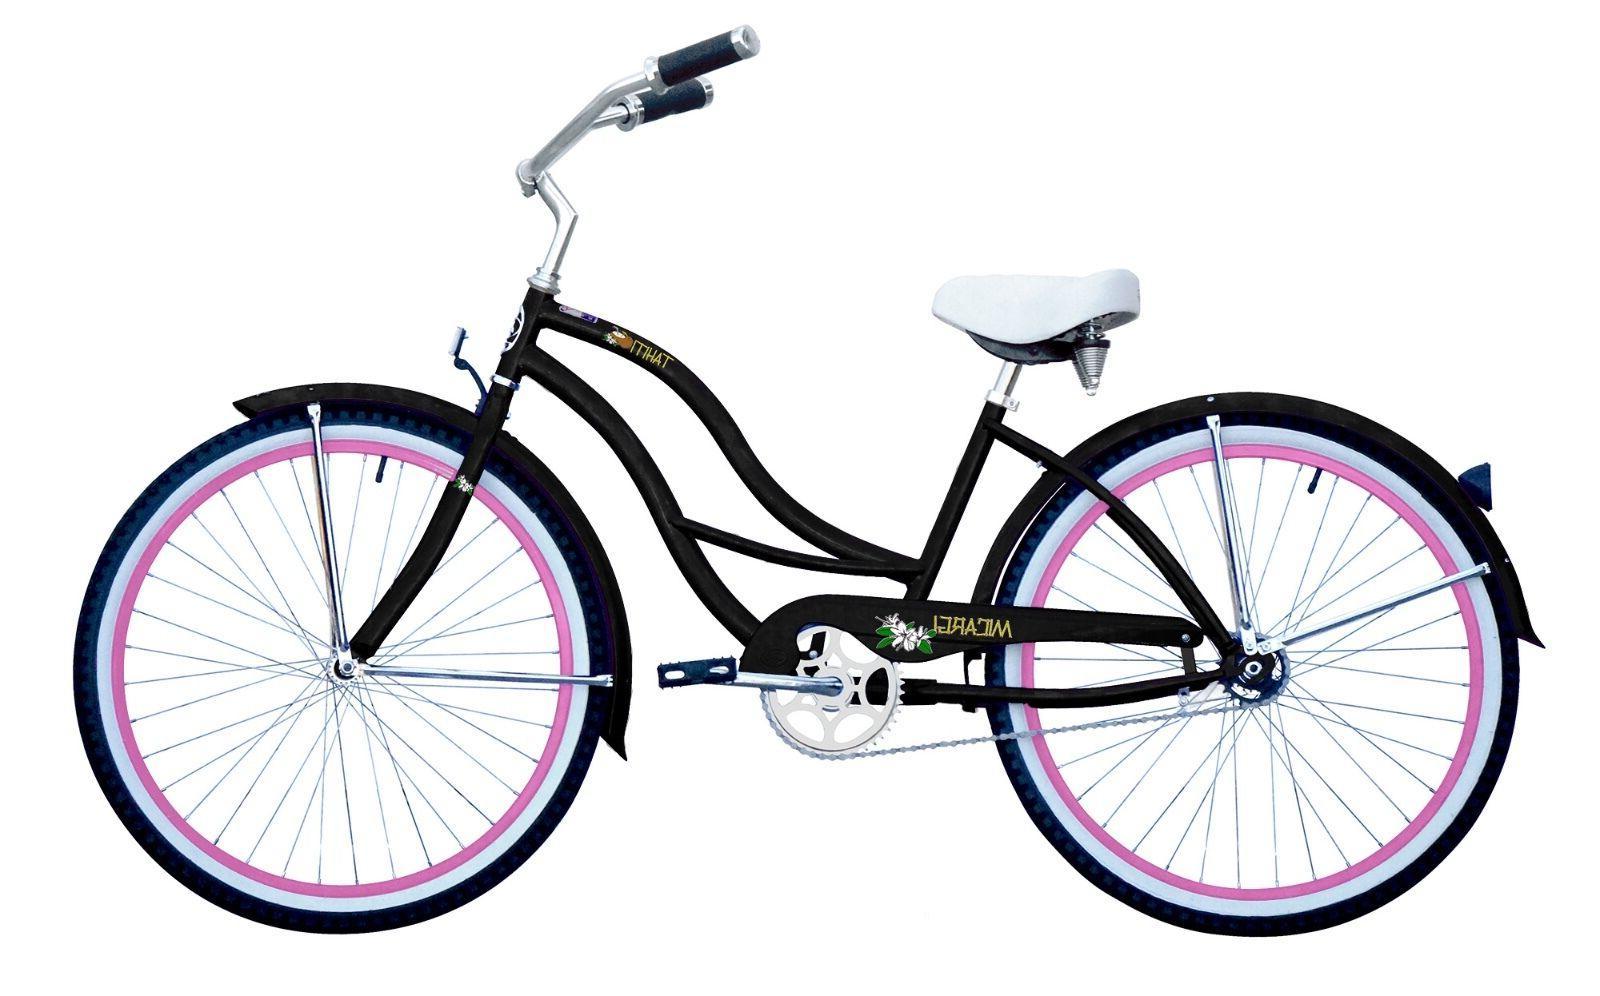 NEW Beach Cruiser Tahitti One Bike Bicycle MEN'S WOMEN'S